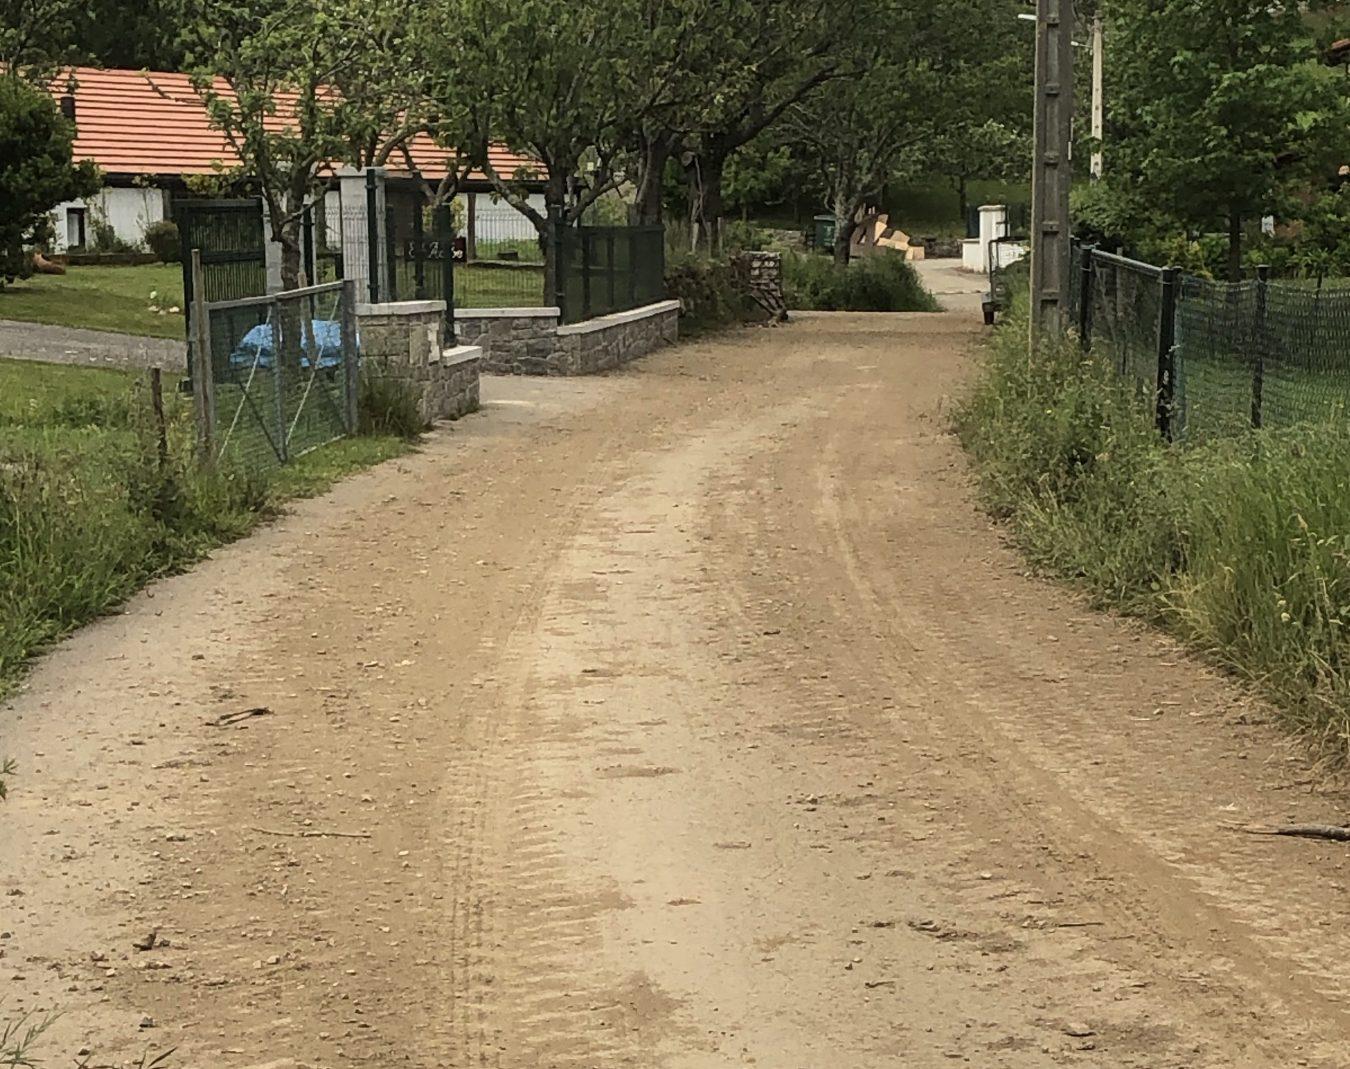 El riosellano pueblo de Linares denuncia su abandono y reclama el arreglo de la carretera